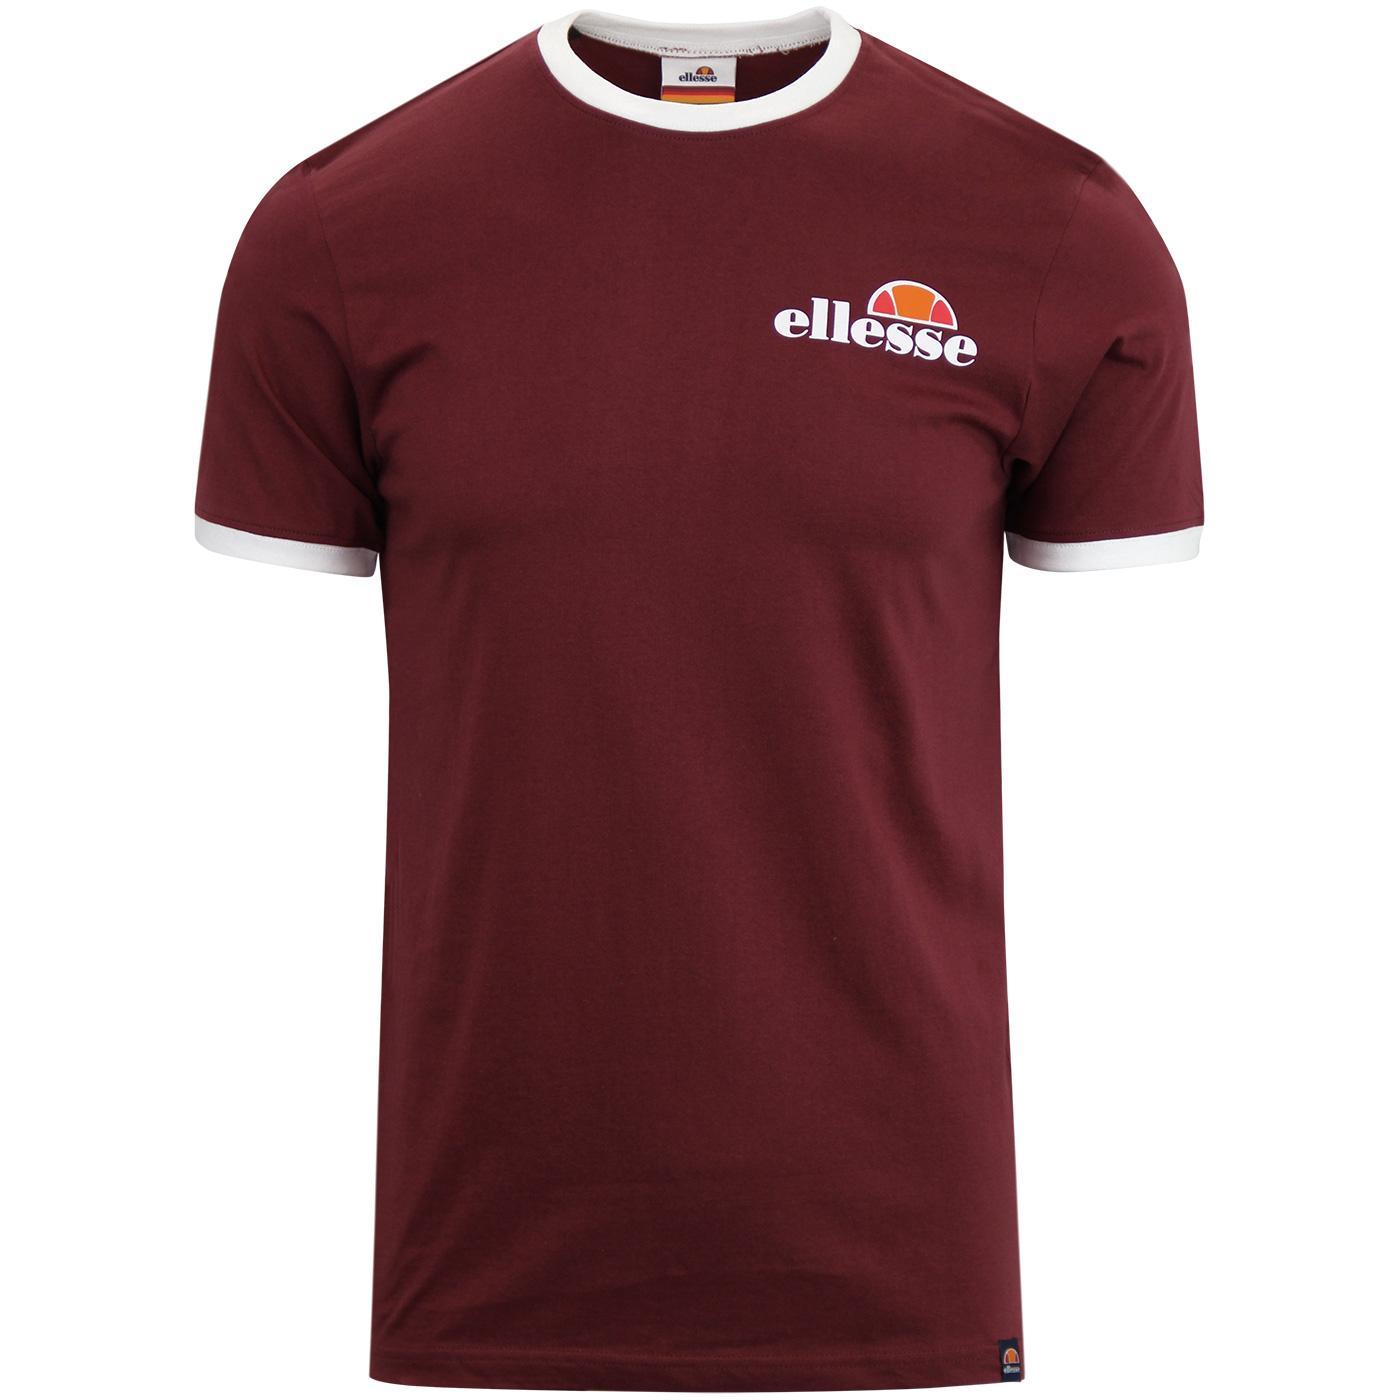 Agrigento ELLESSE Men's Retro Ringer T-shirt (DR)